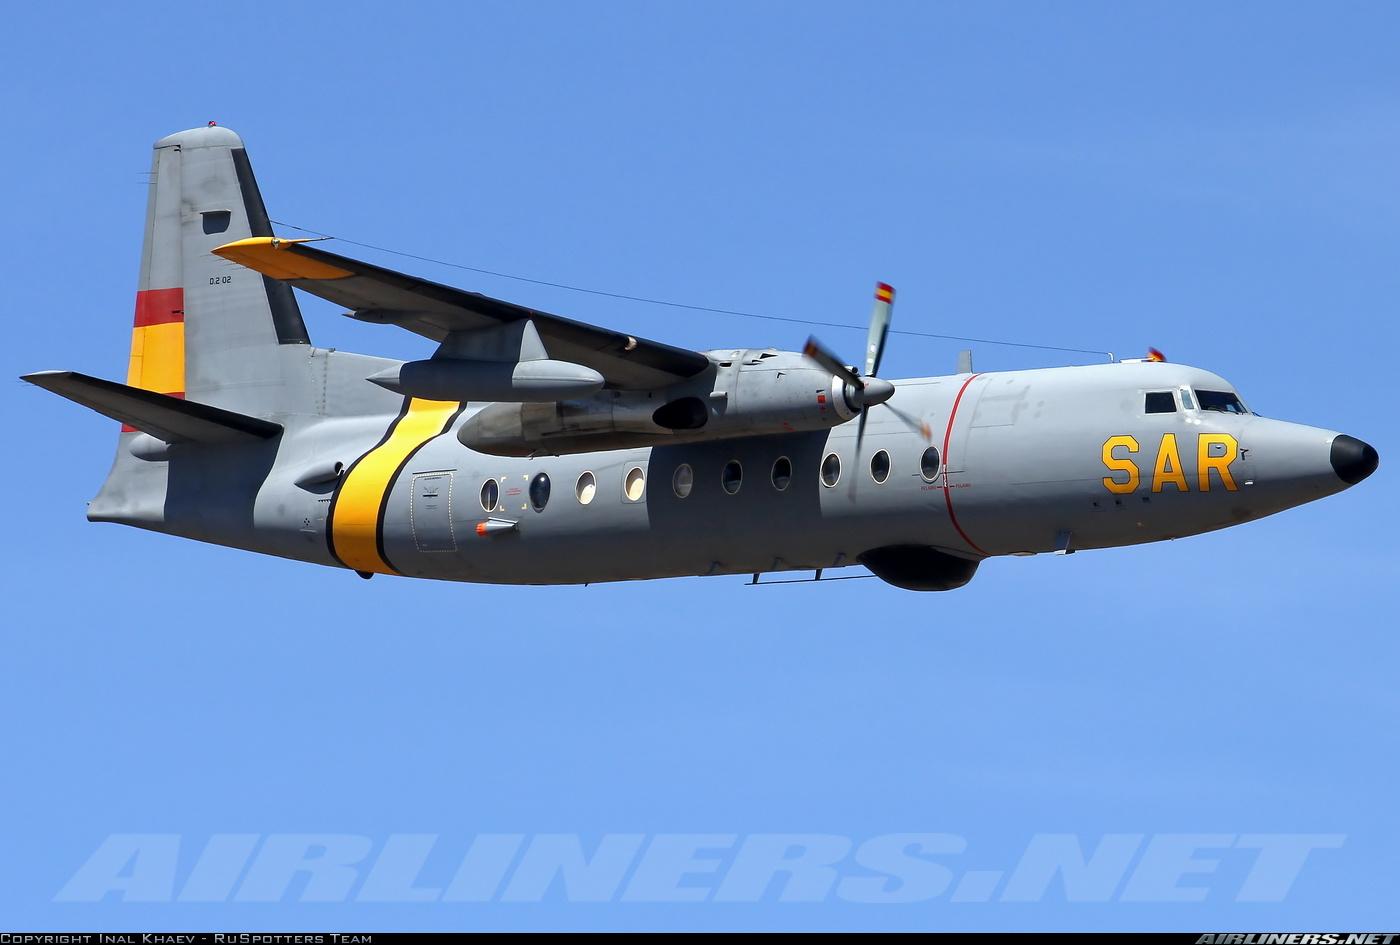 España ha operado hasta fechas muy recientes la versión de rescate y salvamento marítimo F.27 Maritime (Fuente: Inal Khaev. Ruspotters Team / Airliners.net)